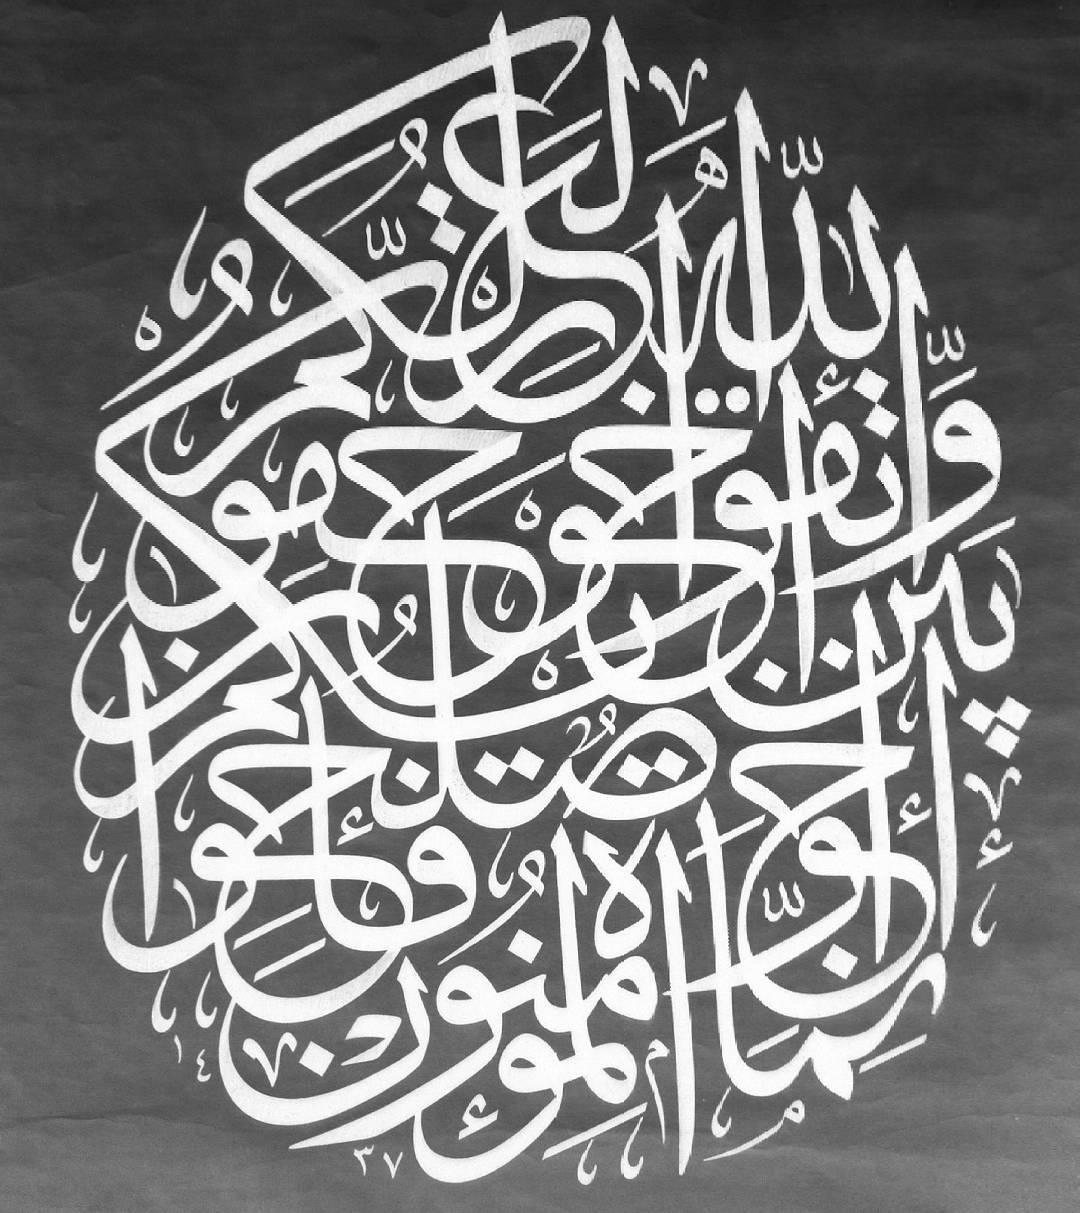 Karya Kaligrafi Ircica 2016...- Huda Purnawadi -  karya kaligrafi kompetisi Waraq Muqohhar 1